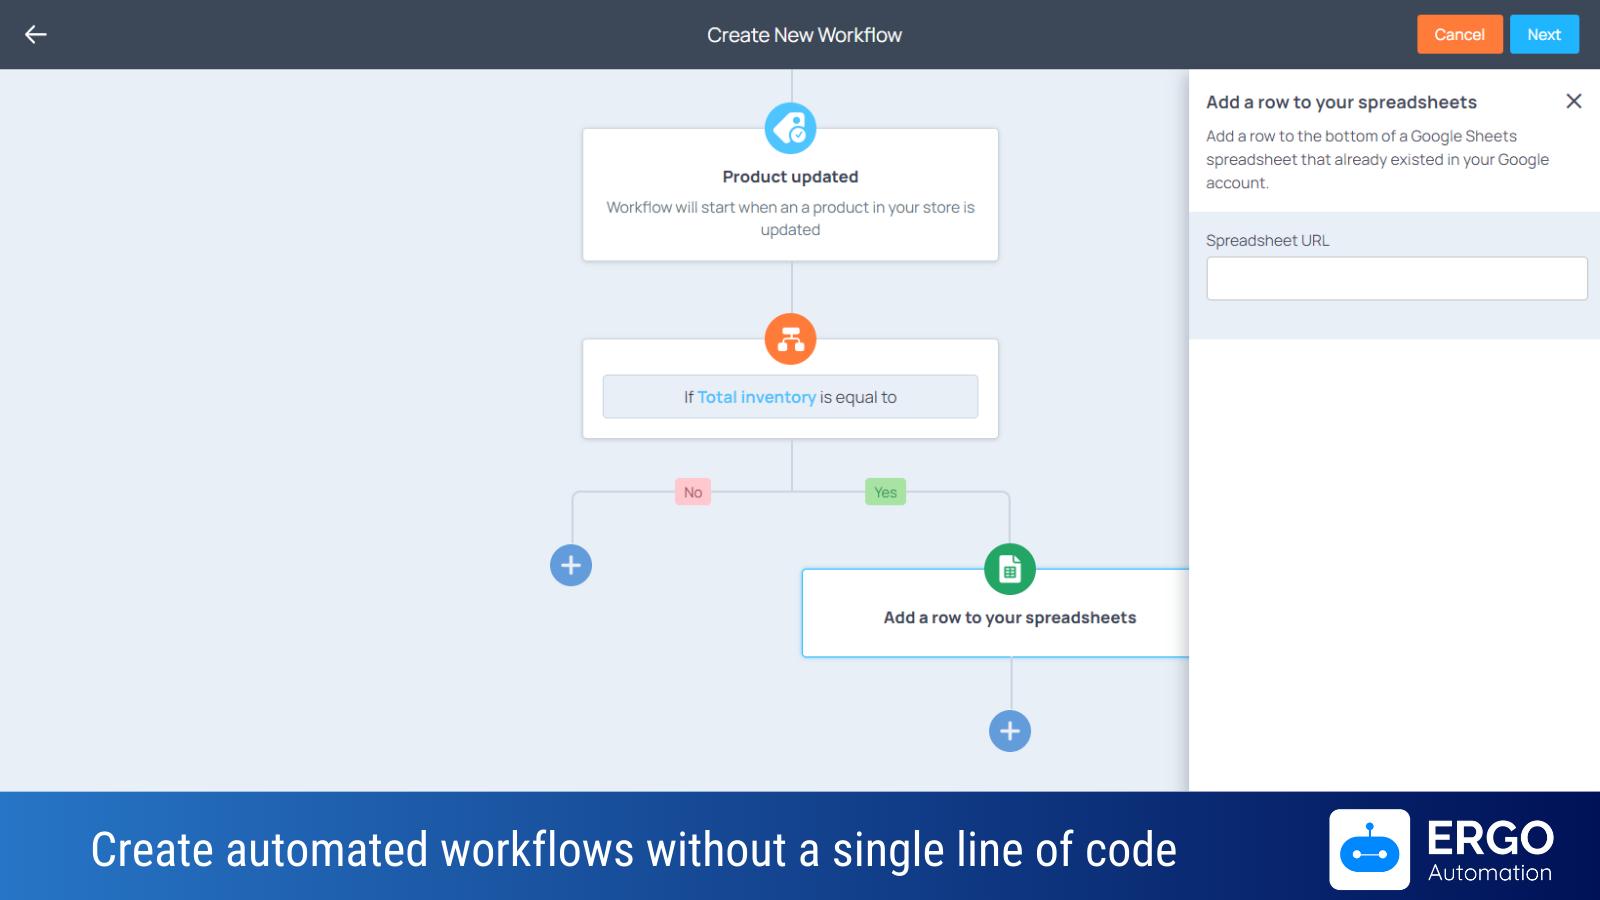 Ergo Automation for Shopify app demo